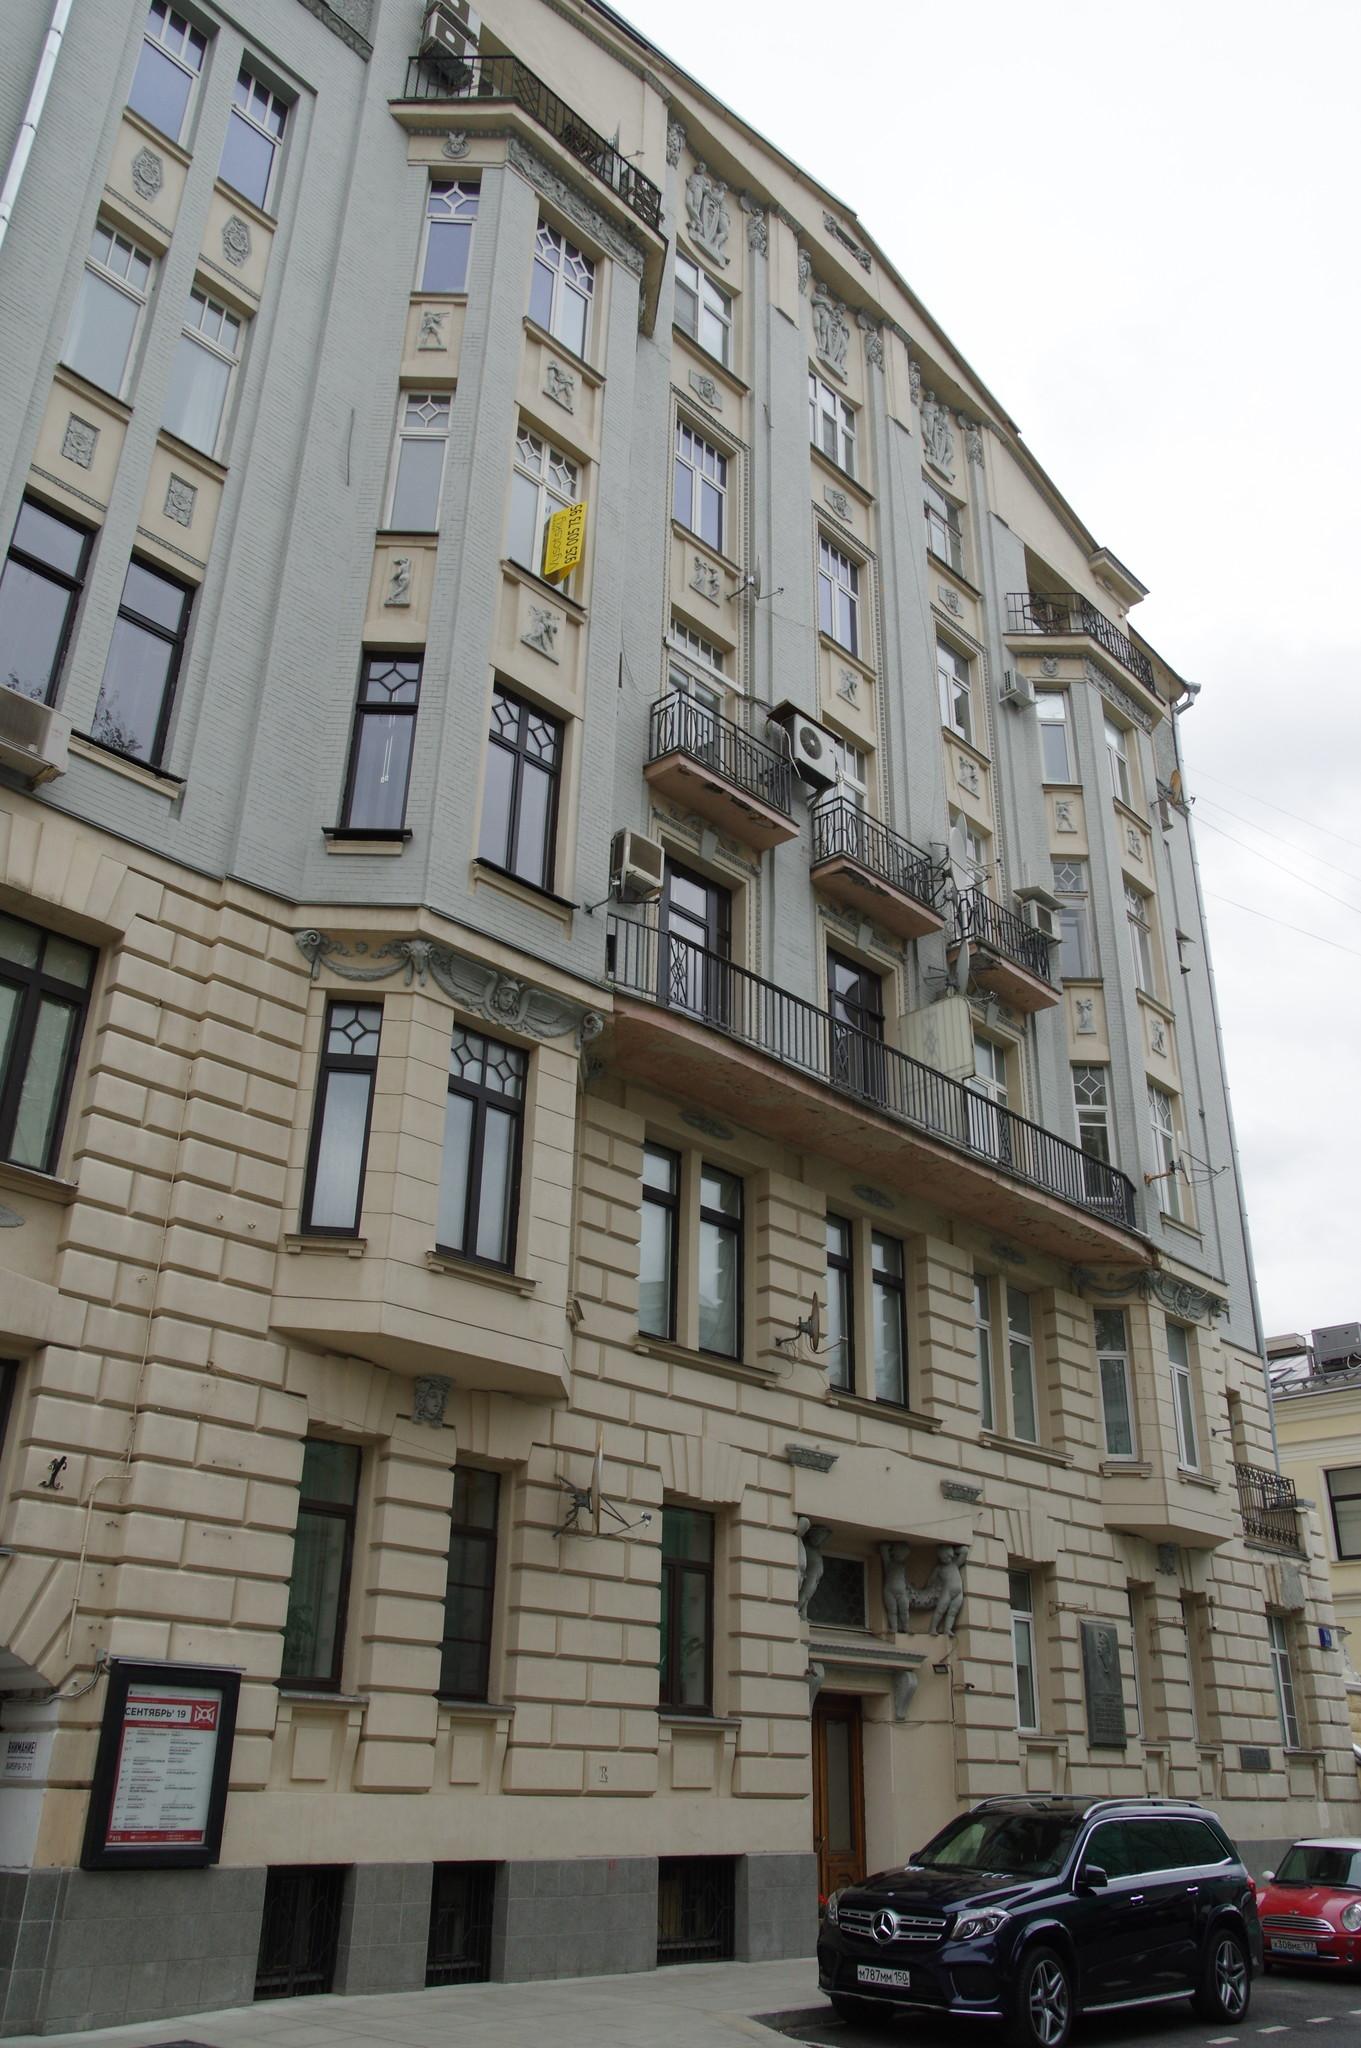 Доходный дом братьев Грибковых (улица Чаплыгина, 1а)